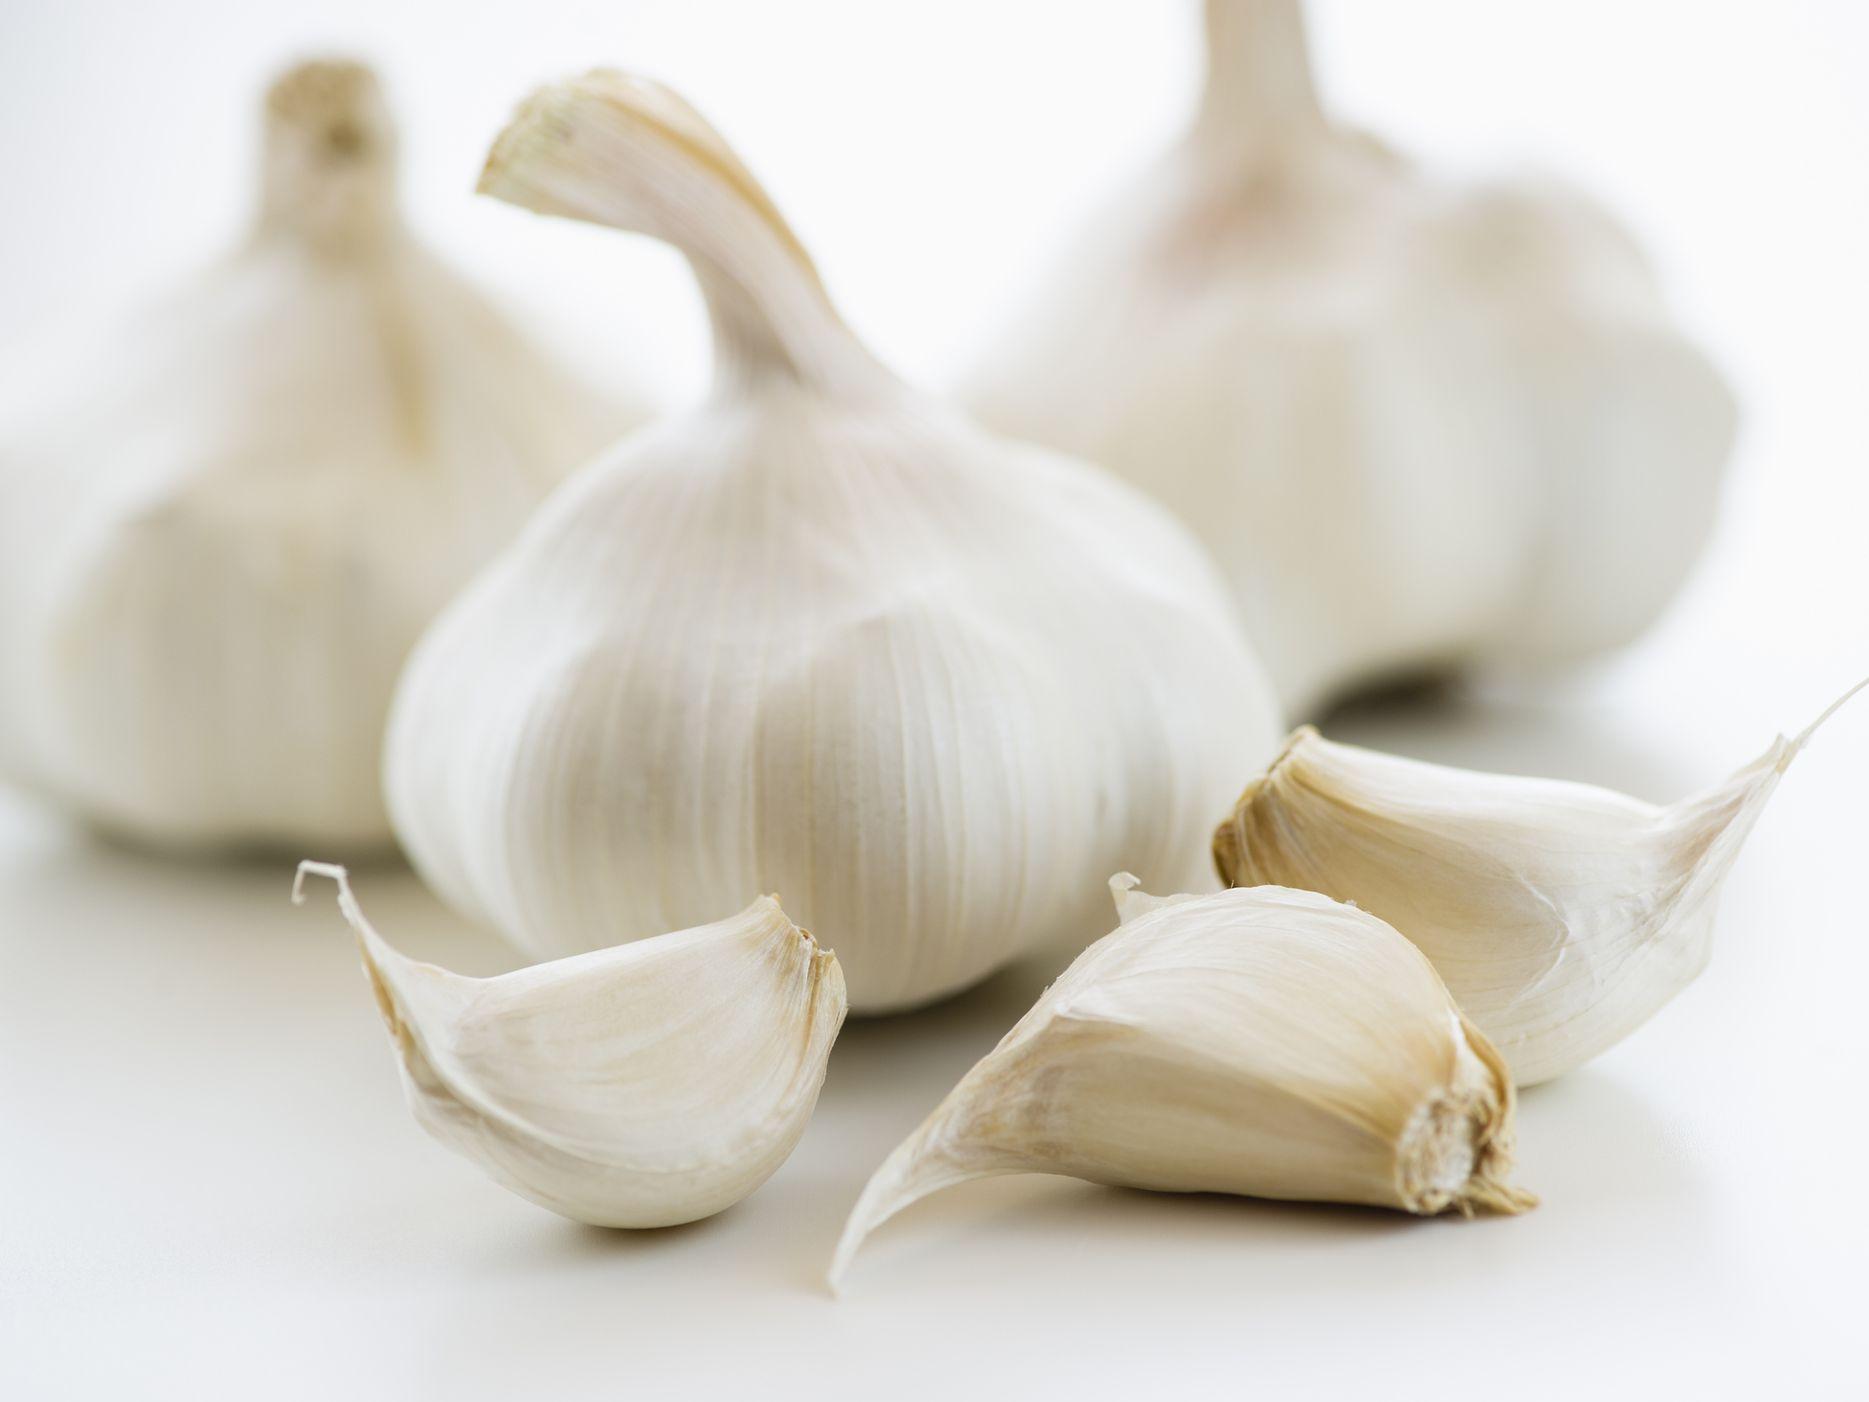 Fresh-garlic-GettyImages-136596122-58b5aeac3df78cdcd89fa3ee